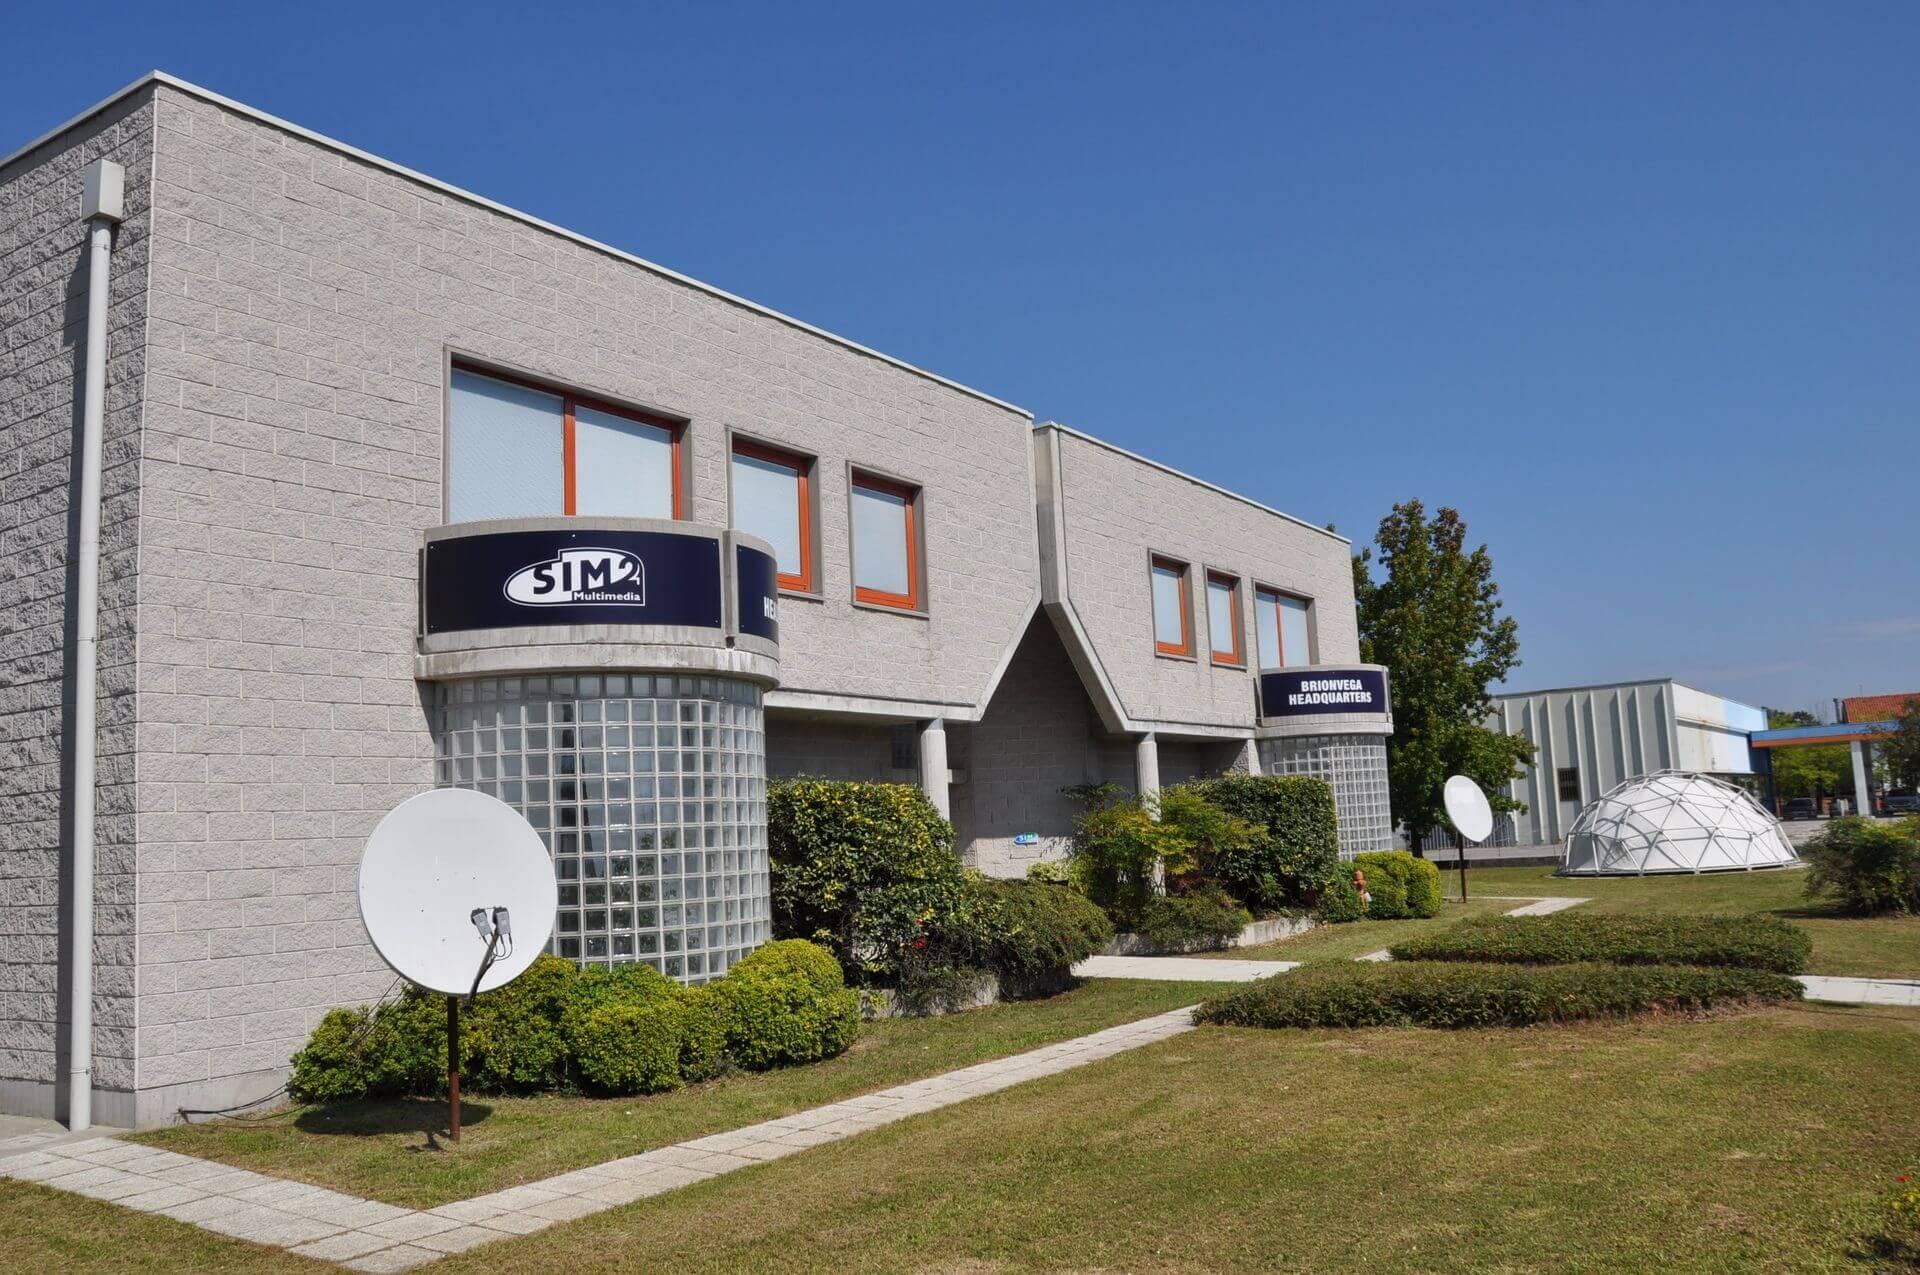 SIT&B Barcelona distribuirá los proyectores Sim2 en España, Portugal y Marruecos